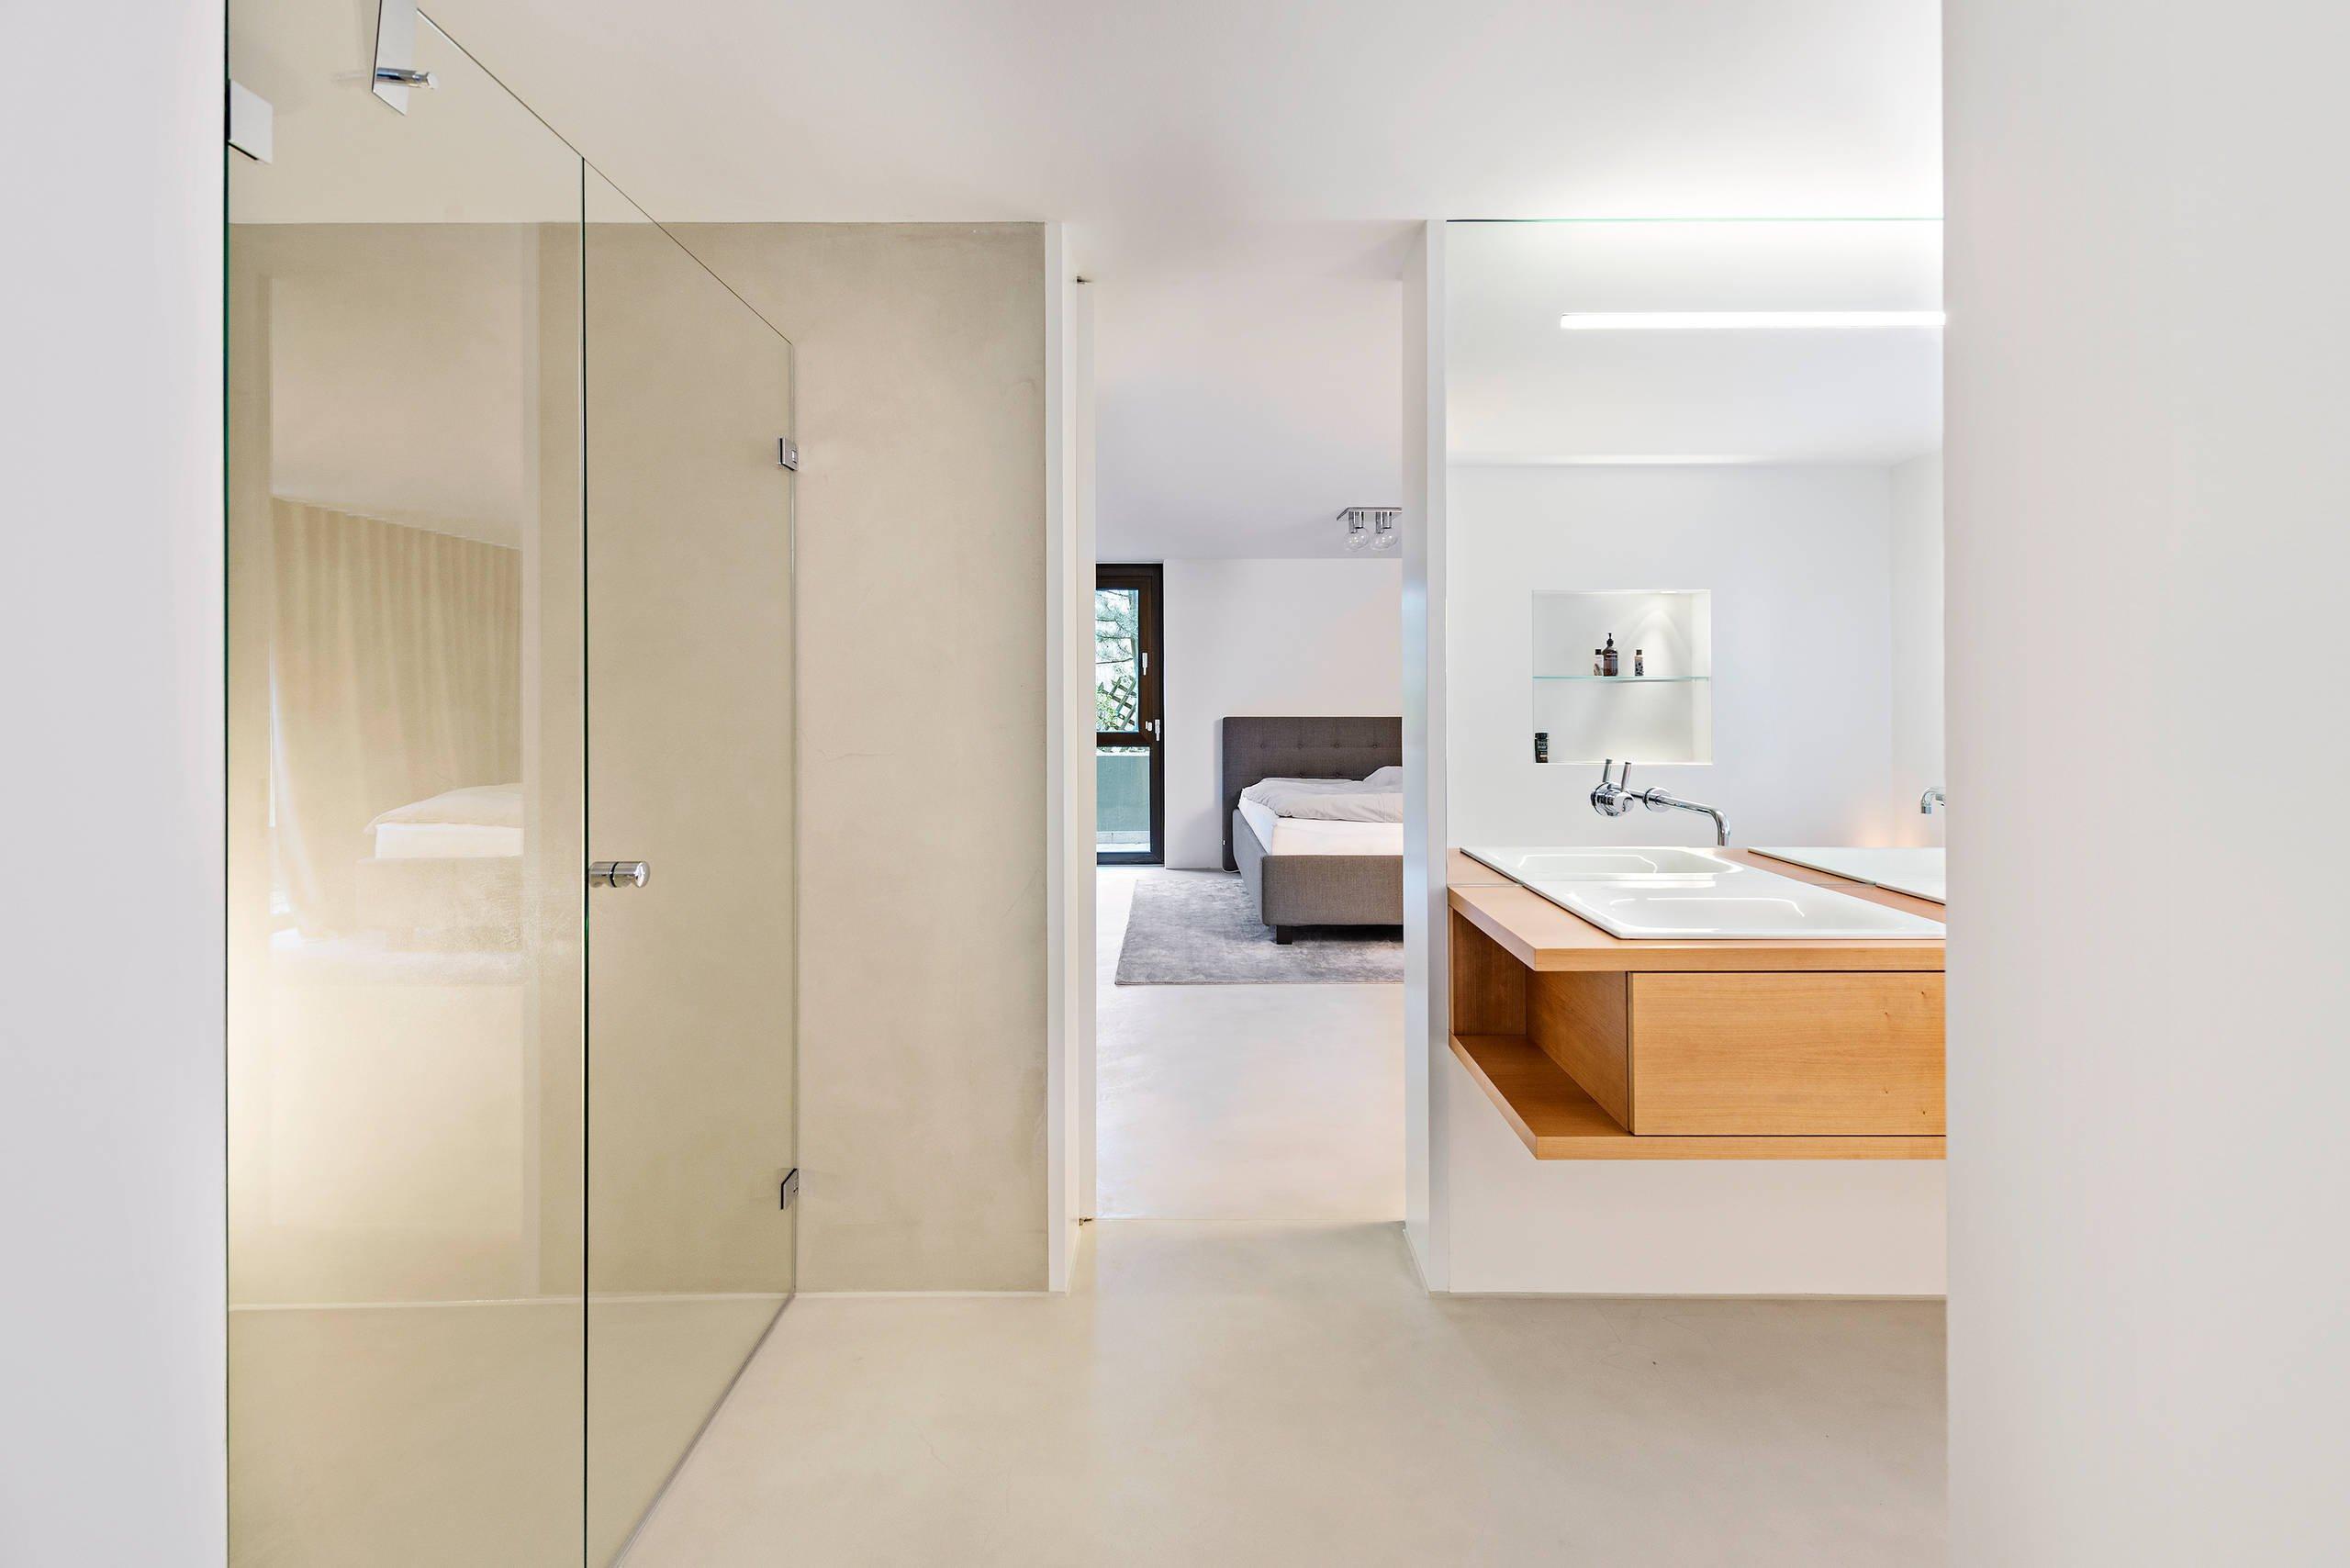 Ein fugenloses Bad gibt Ihrer Wohnung den letzten Schliff ...